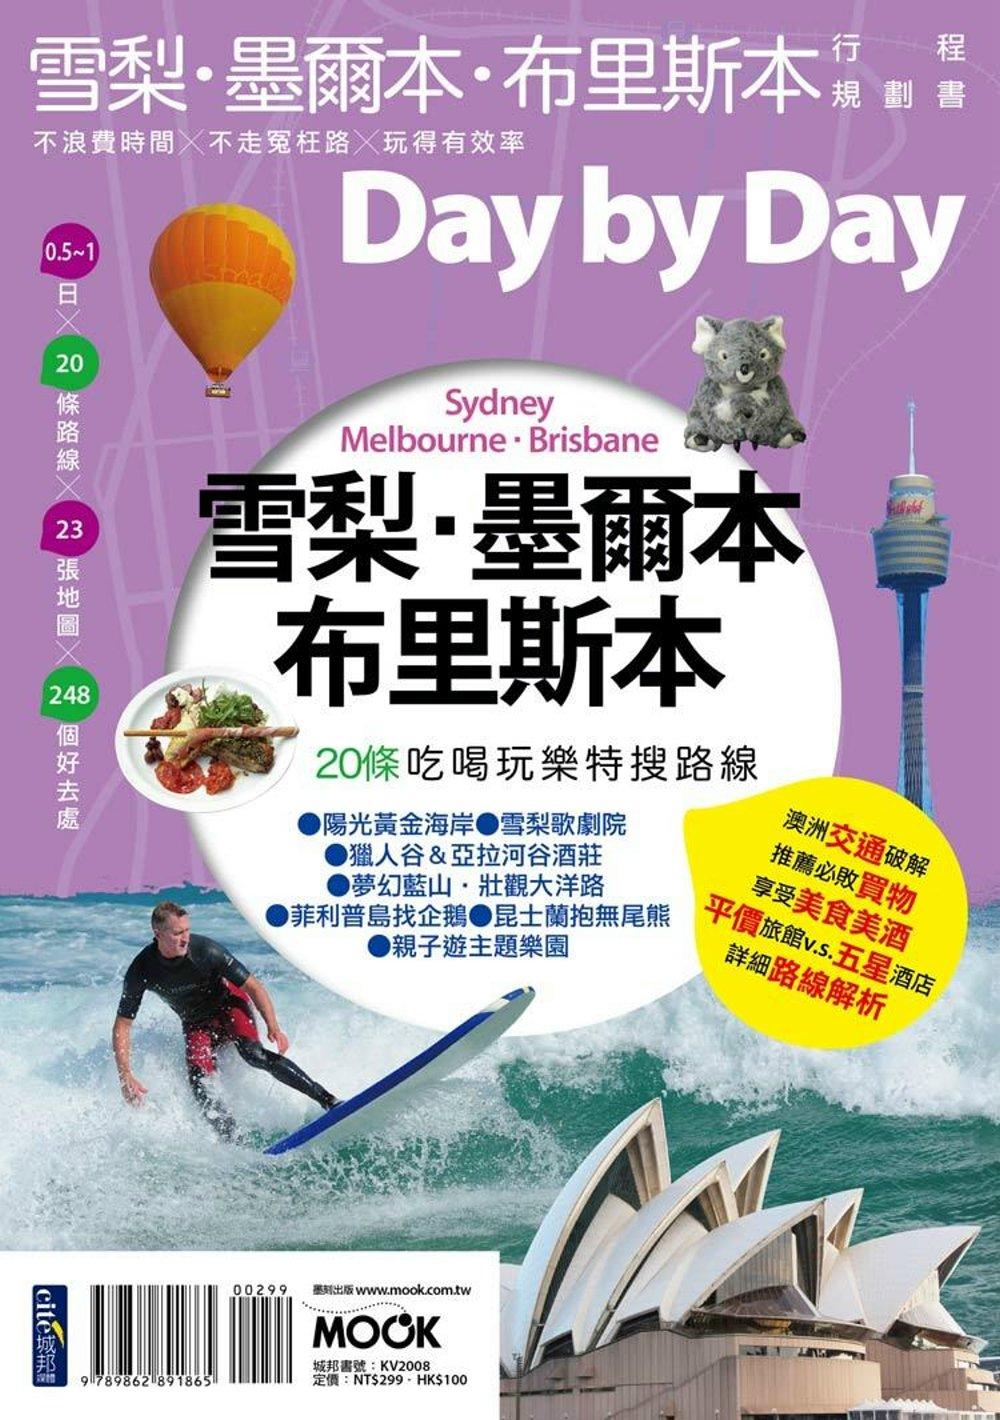 雪梨‧墨爾本‧布里斯本Day ...